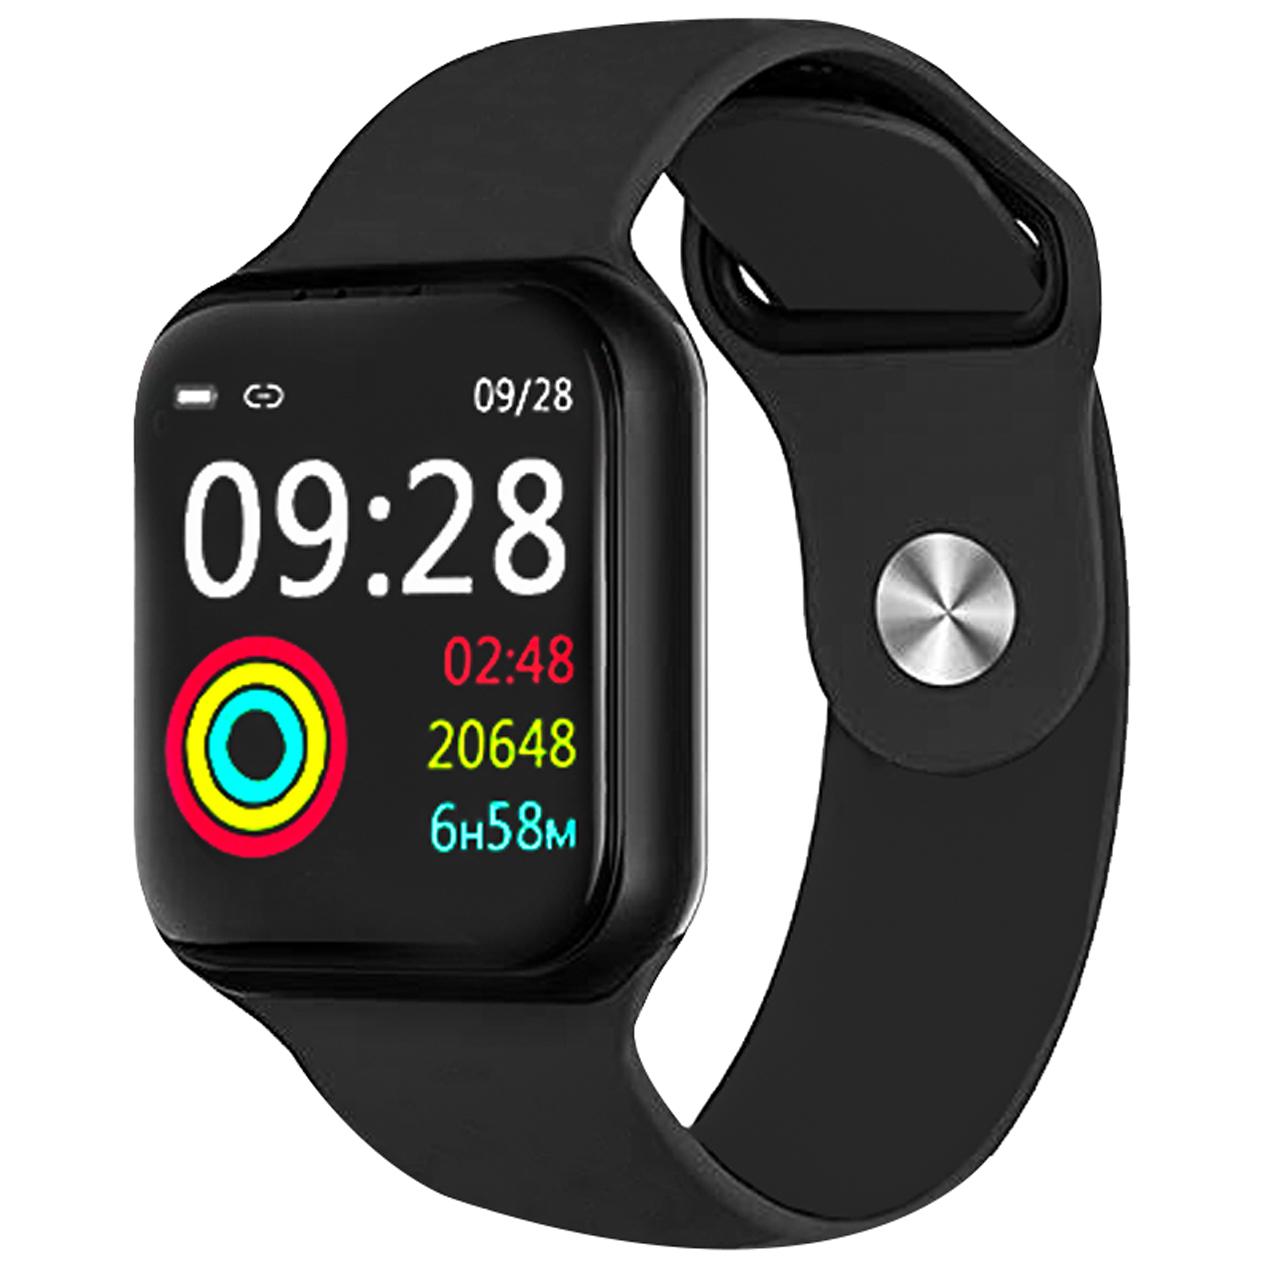 بررسی و {خرید با تخفیف}                                     ساعت هوشمند گیفت کالکشن مدل WearFit 9                             اصل